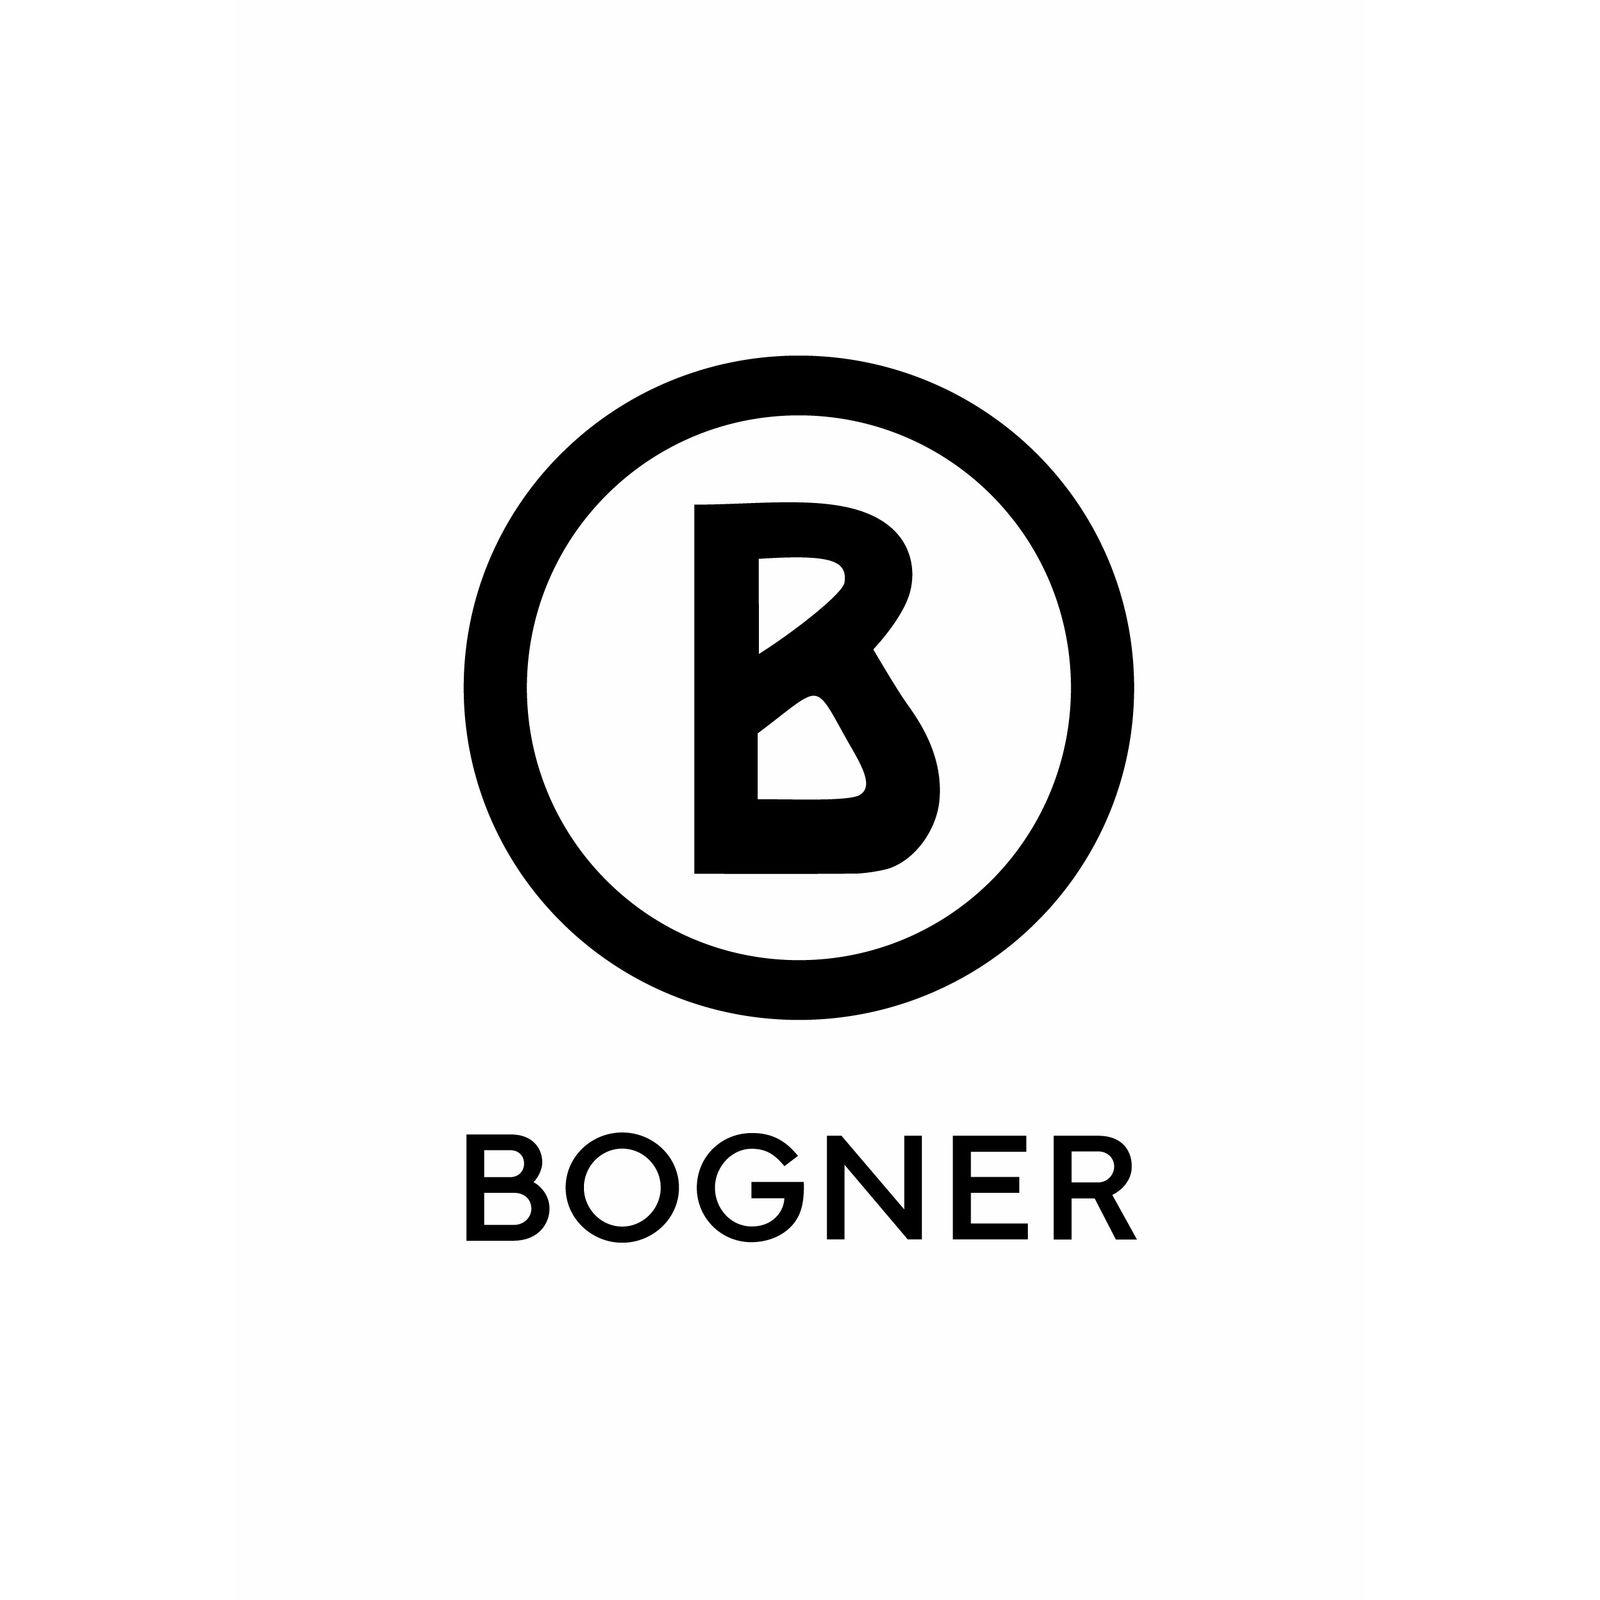 BOGNER Sport (Image 1)